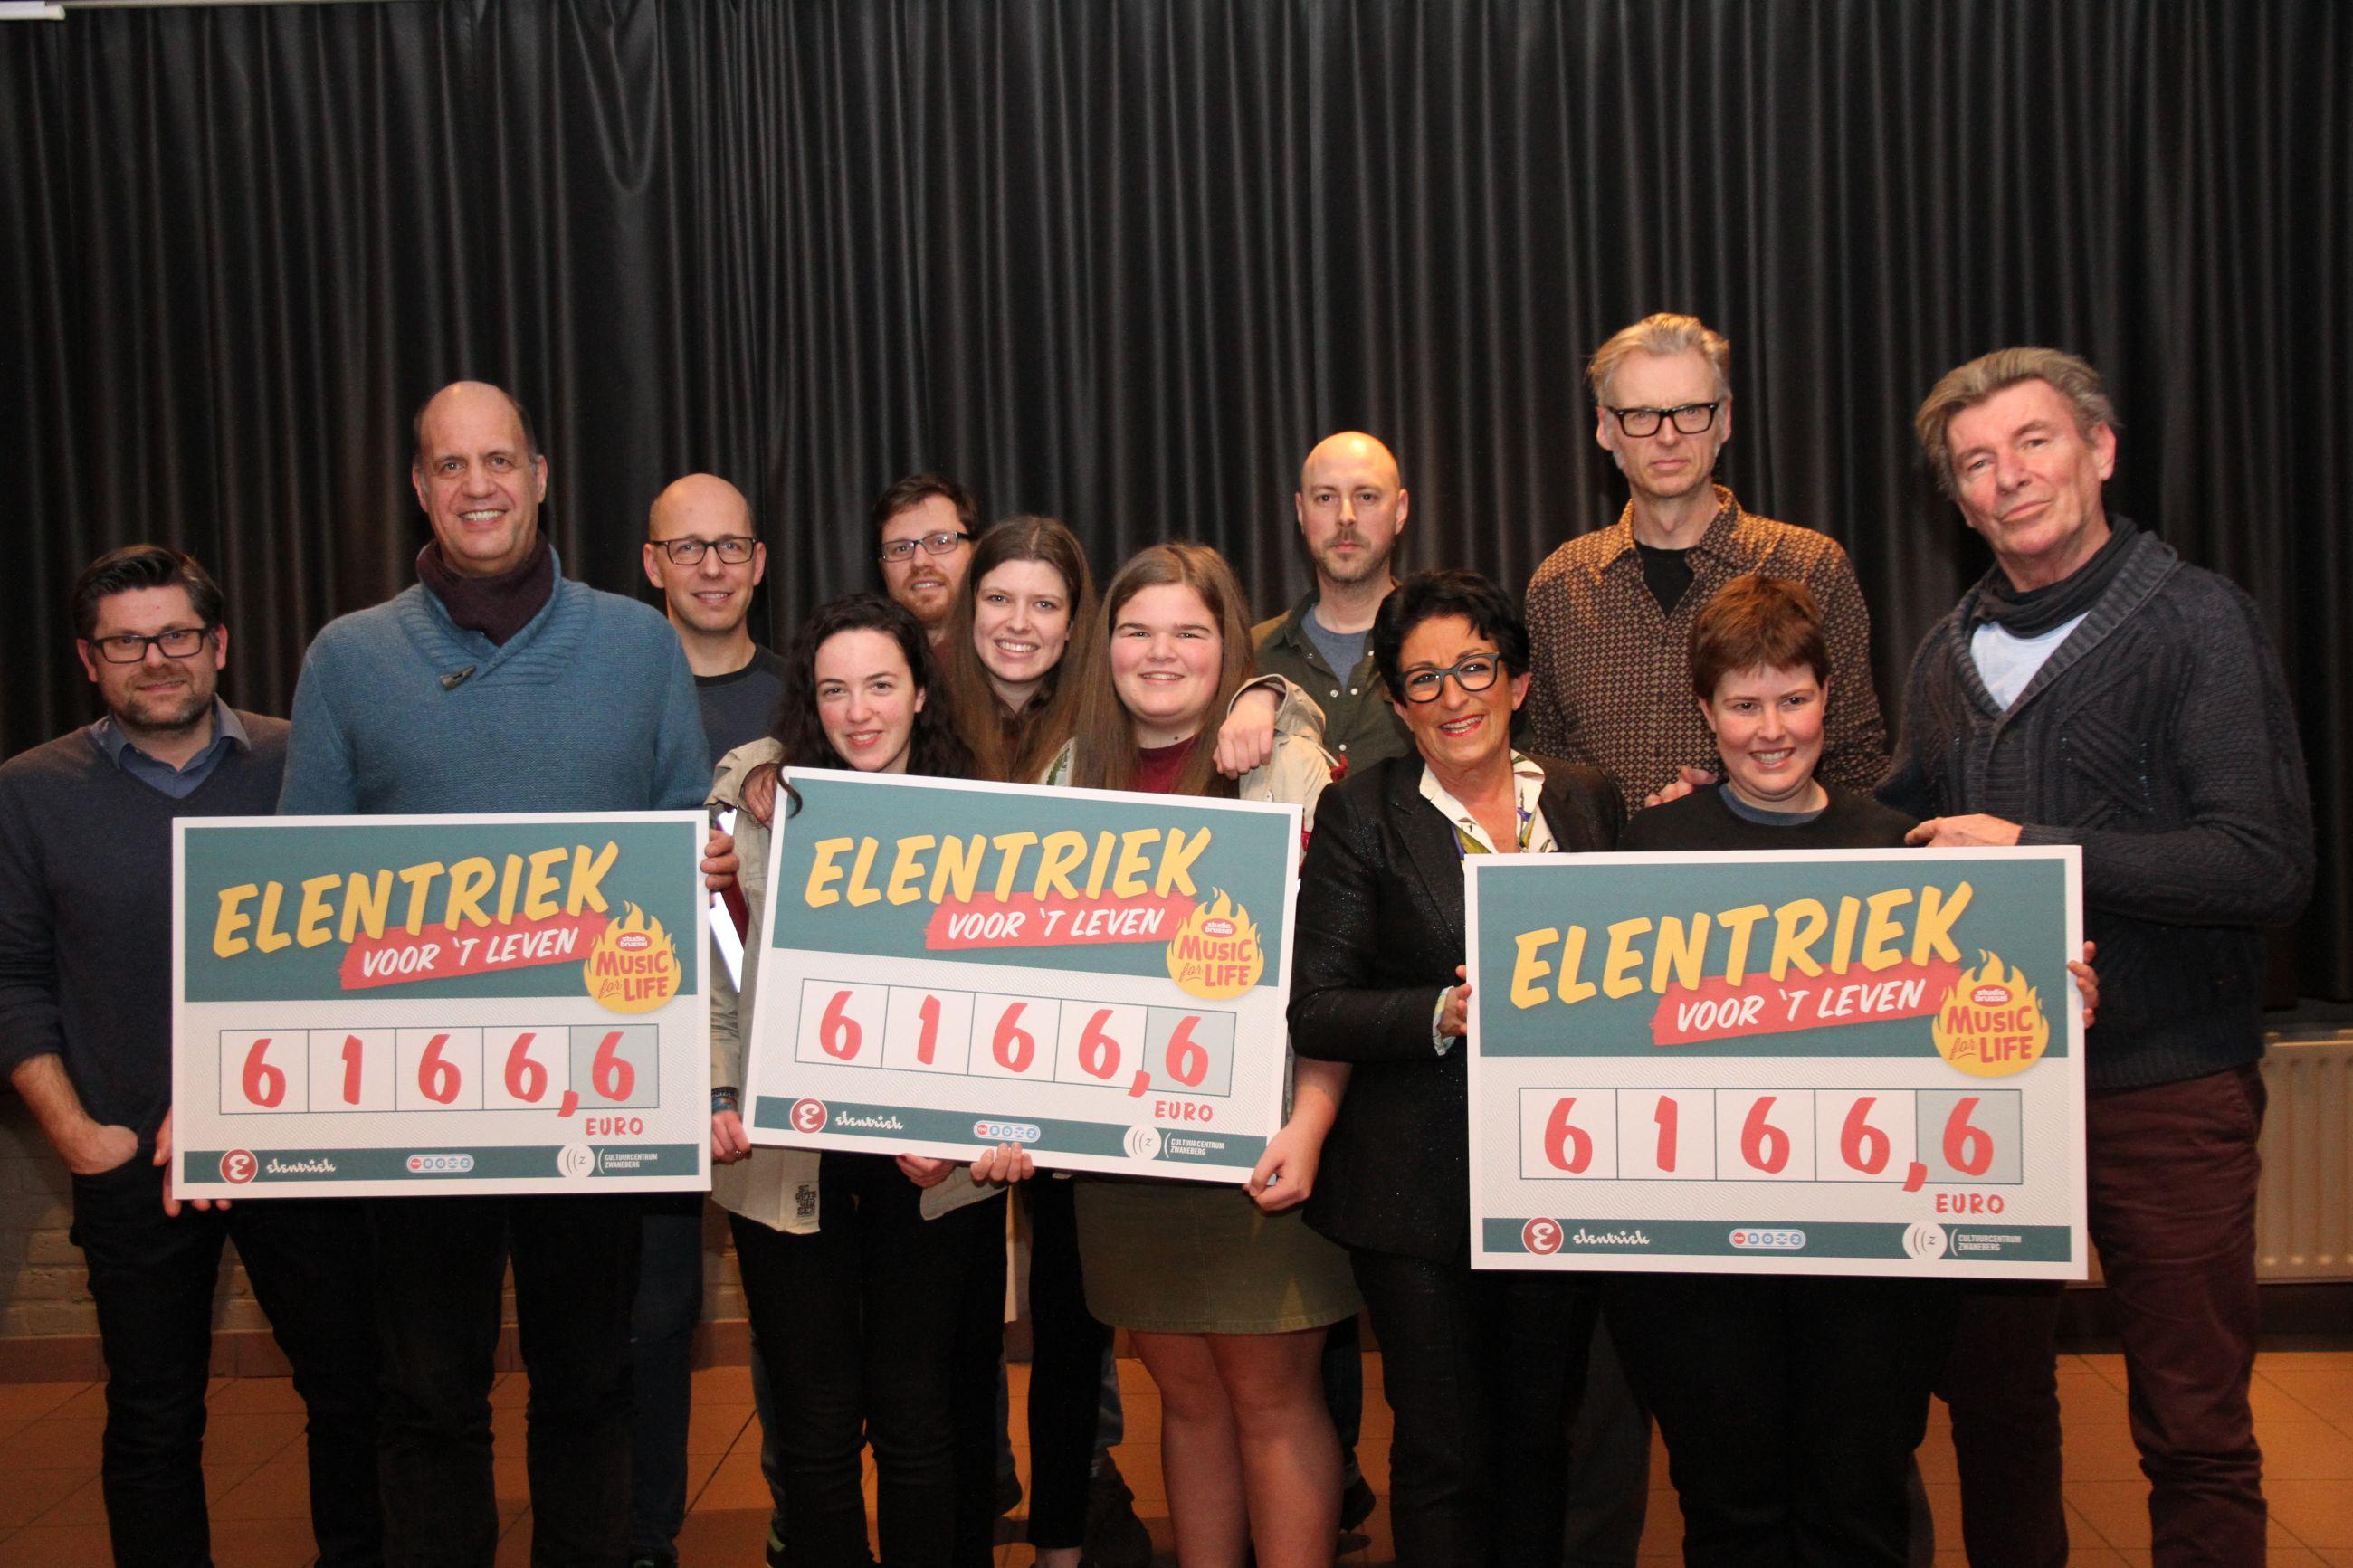 Elentriek zingt 18.500 euro bij elkaar